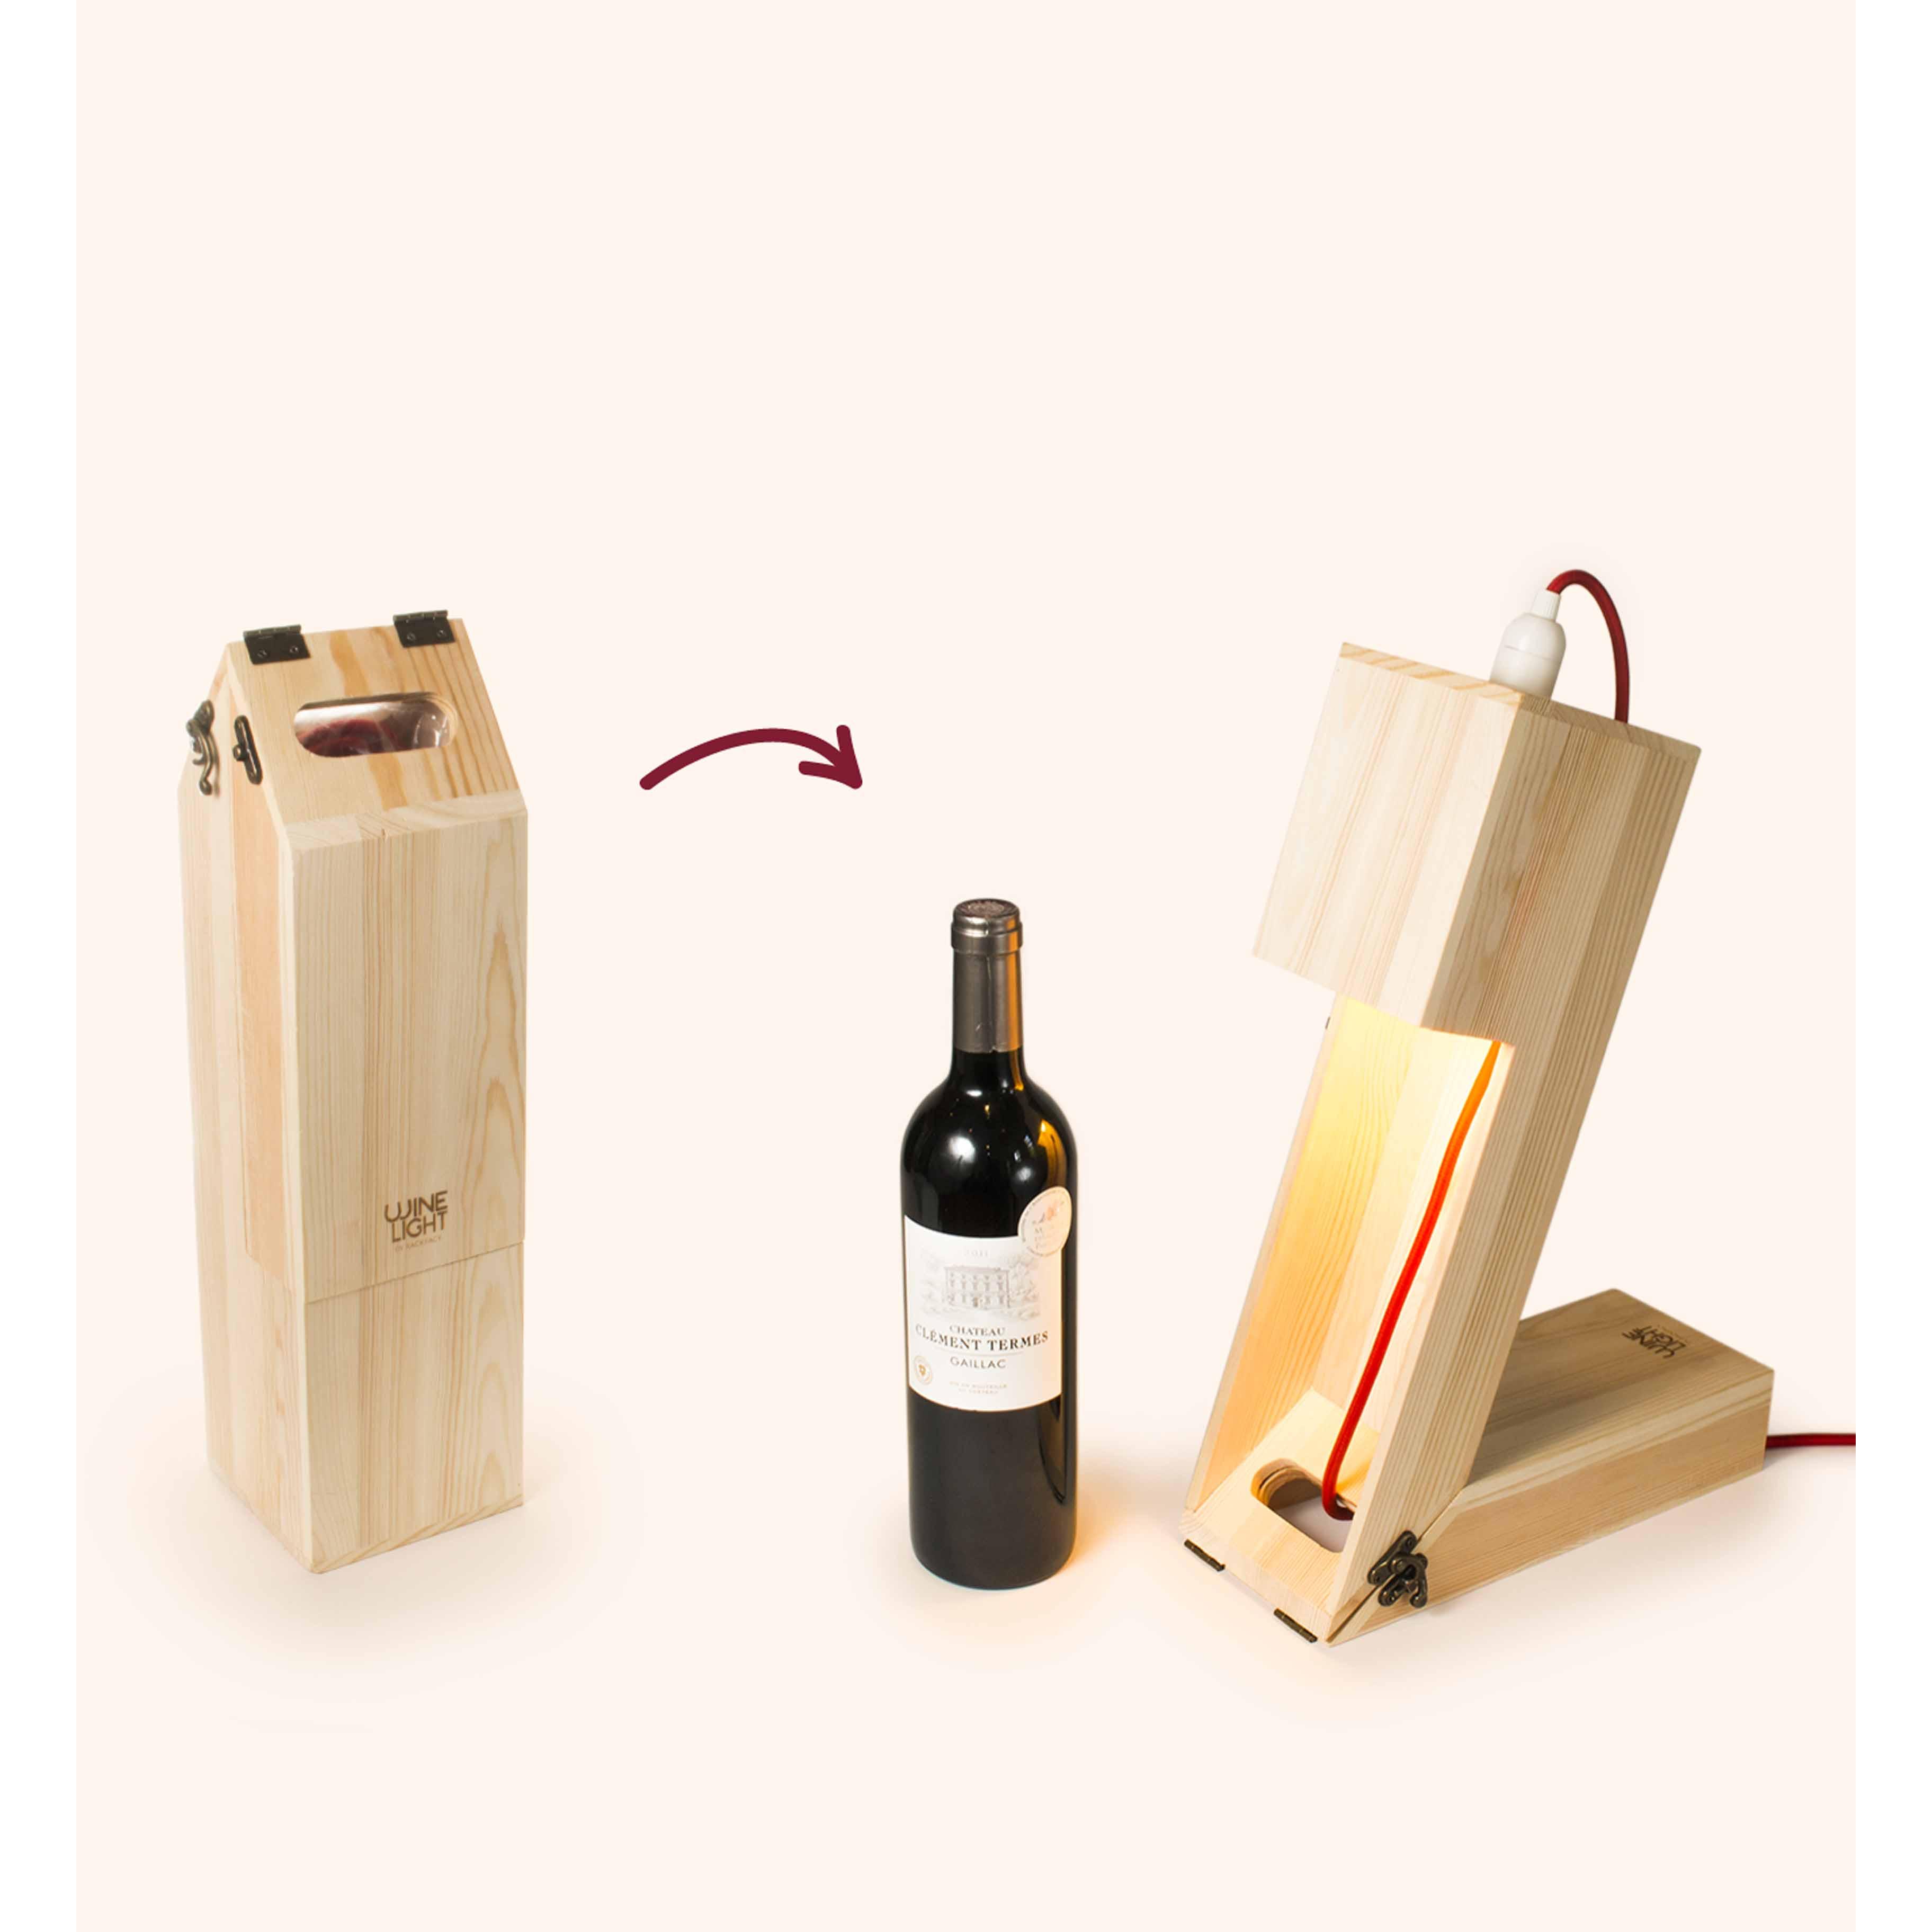 2-in-1-Weinkiste & Tischleuchte Wine Light